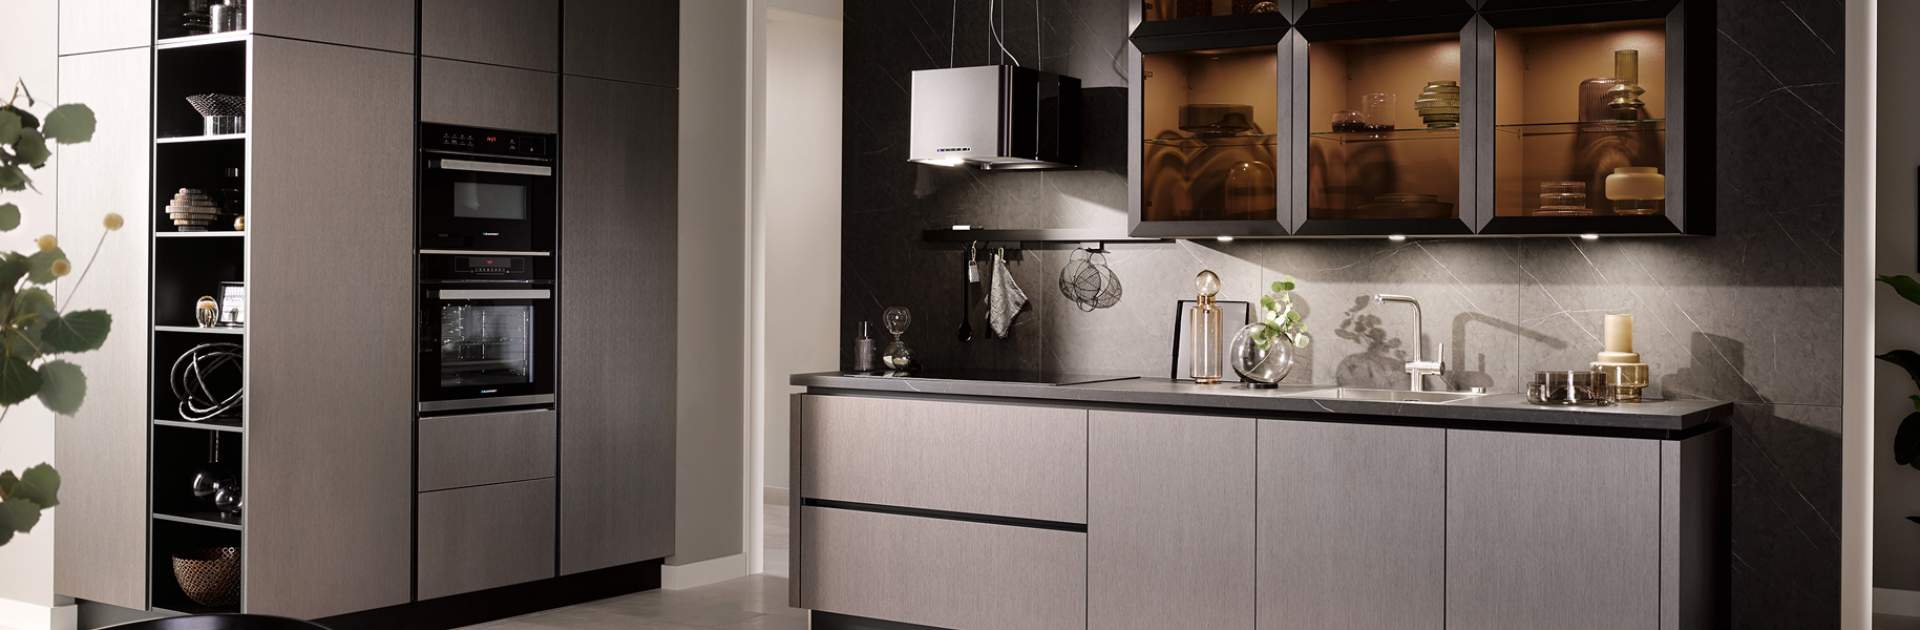 Een nieuwe keuken onderhouden | Eigenhuis Keukens